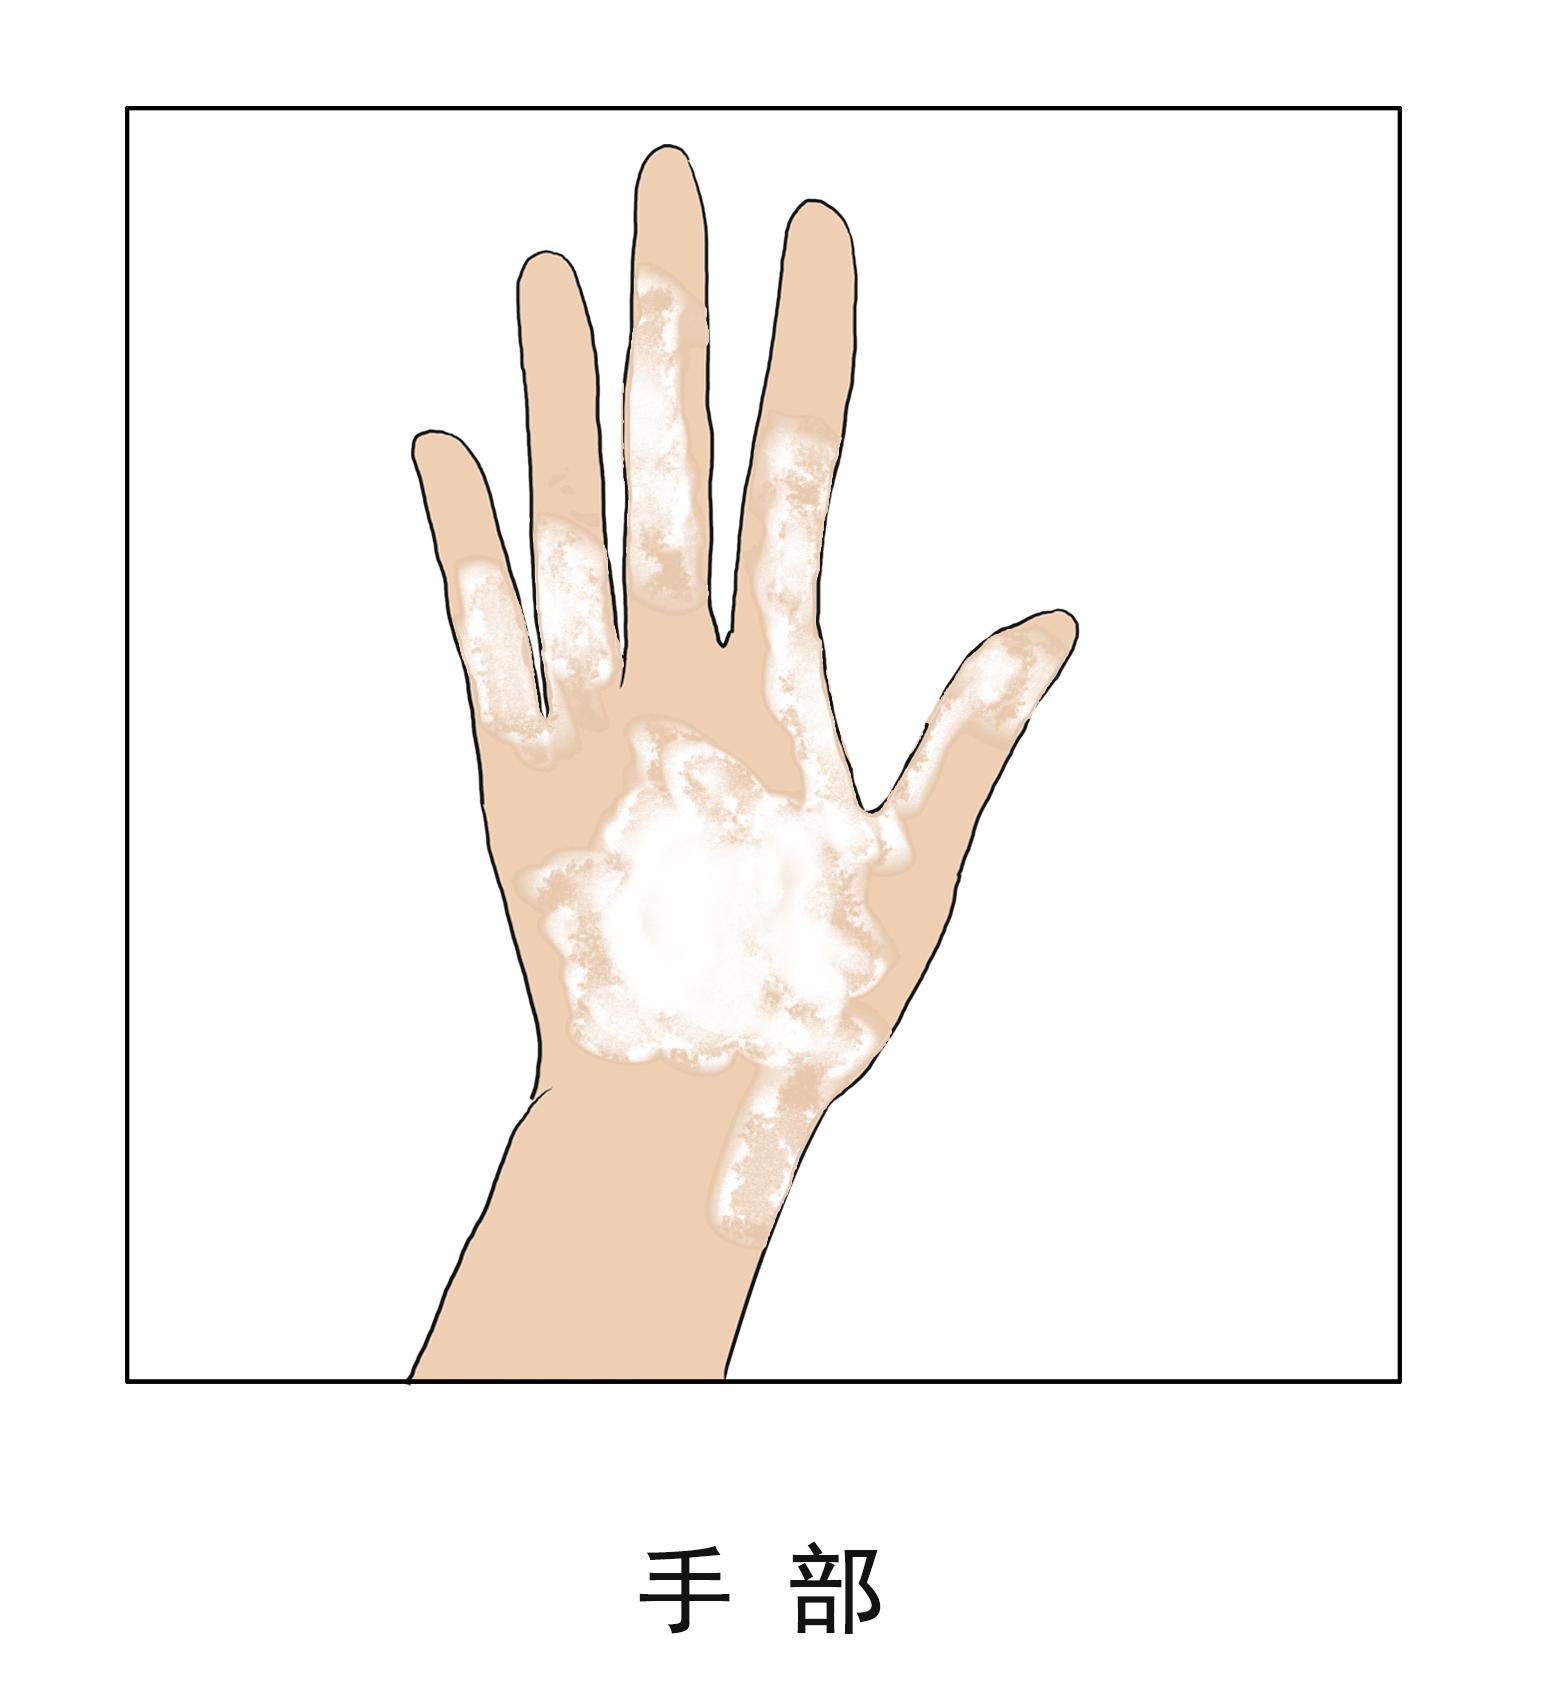 昆明白癜风医院介绍下手部白斑护理方法